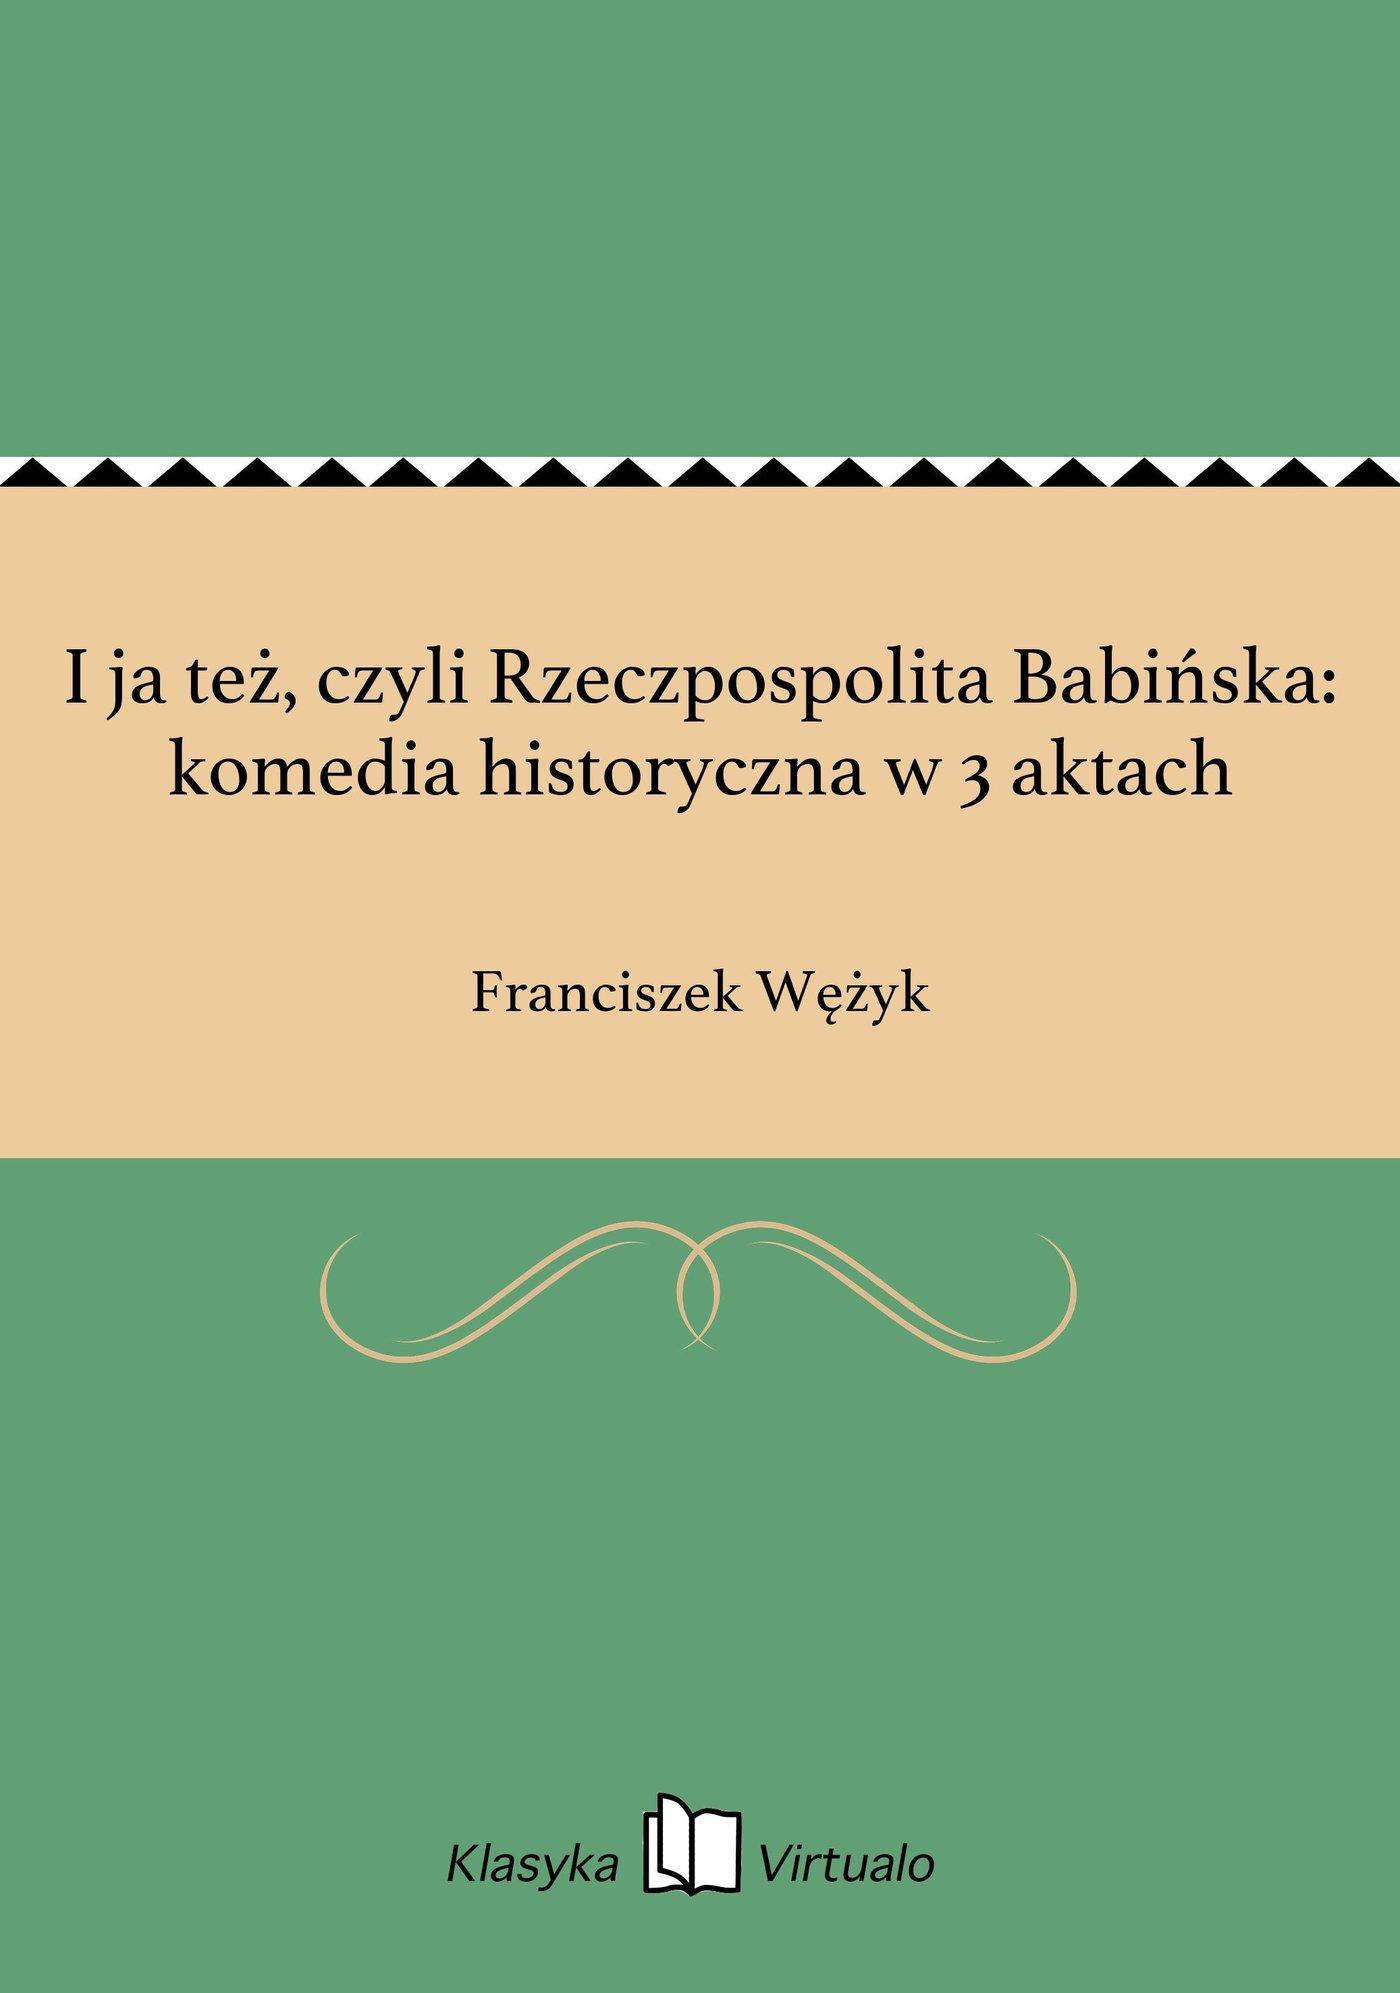 I ja też, czyli Rzeczpospolita Babińska: komedia historyczna w 3 aktach - Ebook (Książka EPUB) do pobrania w formacie EPUB